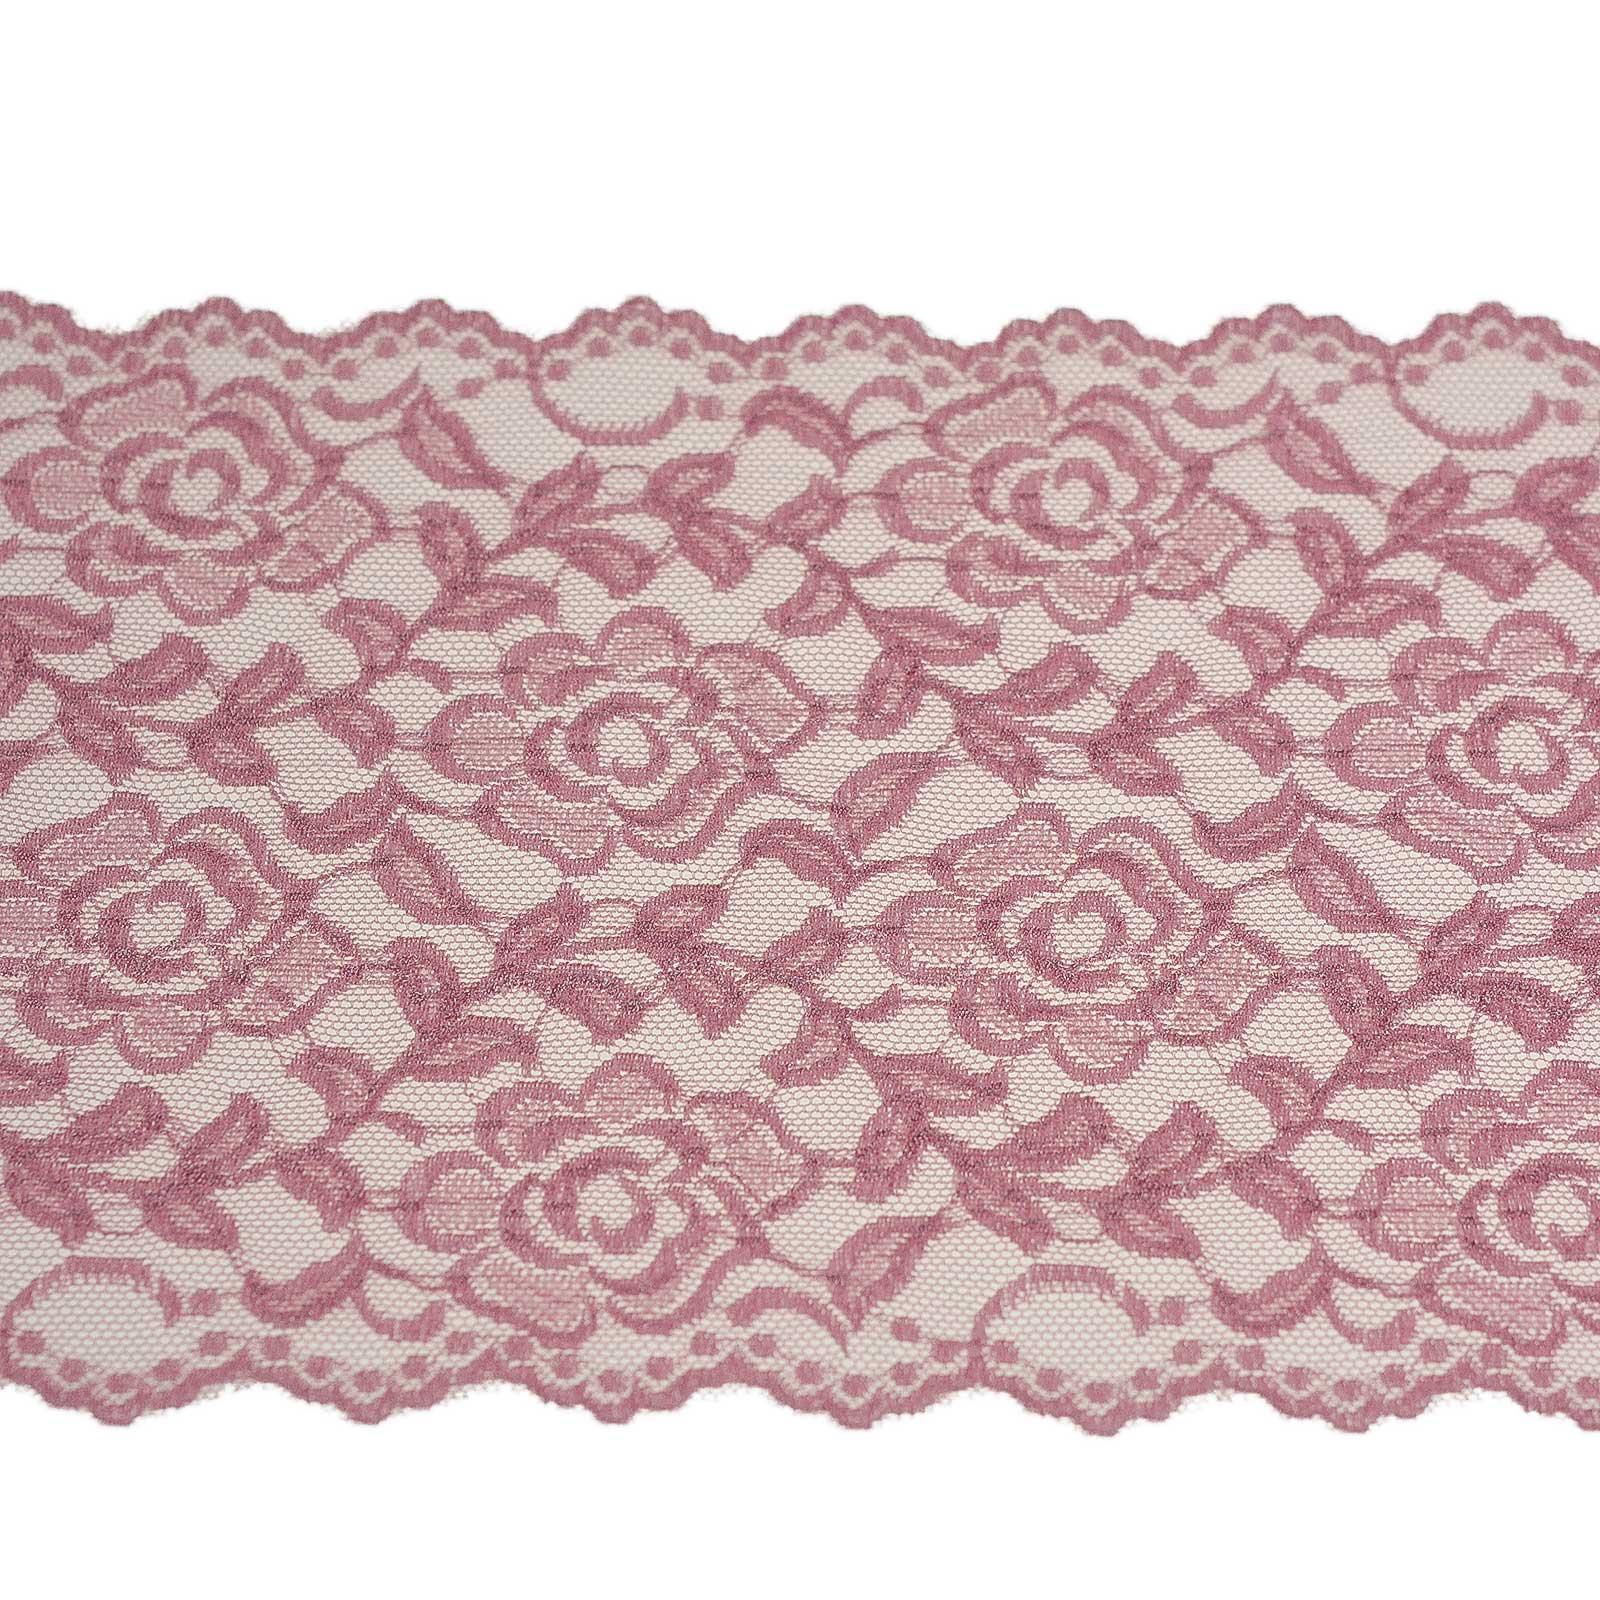 0,5m elastische Spitze 16cm Spitzenborte Besatz Tischläufer Tischband Farbwahl – Bild 22